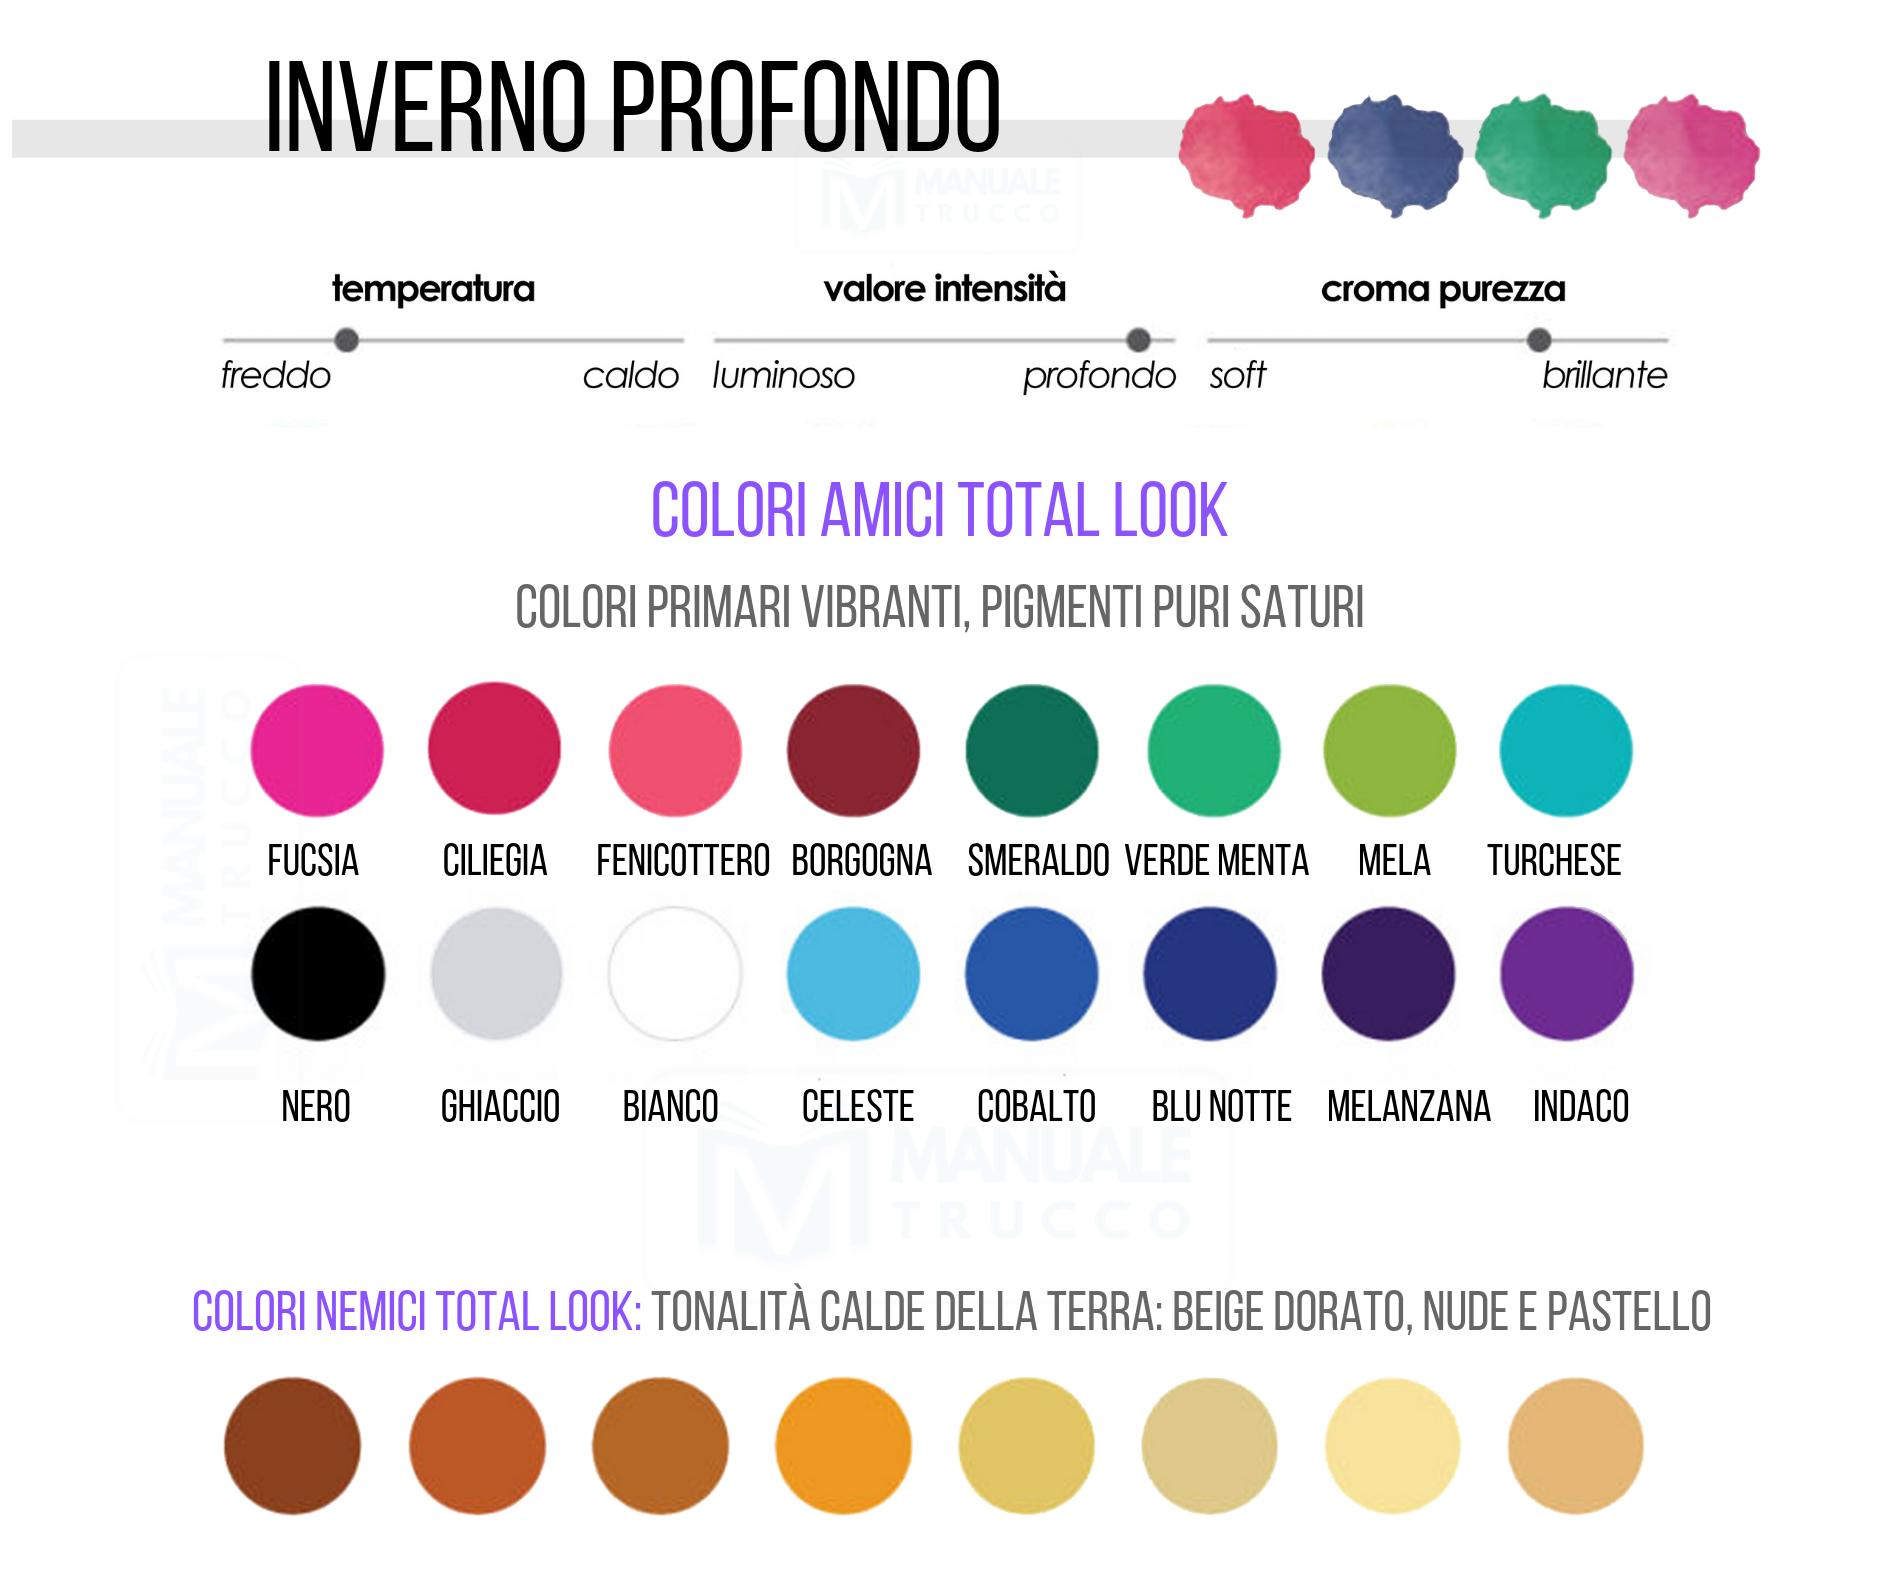 Colori Che Stanno Bene Insieme colori make-up stagione inverno profondo - manuale trucco la